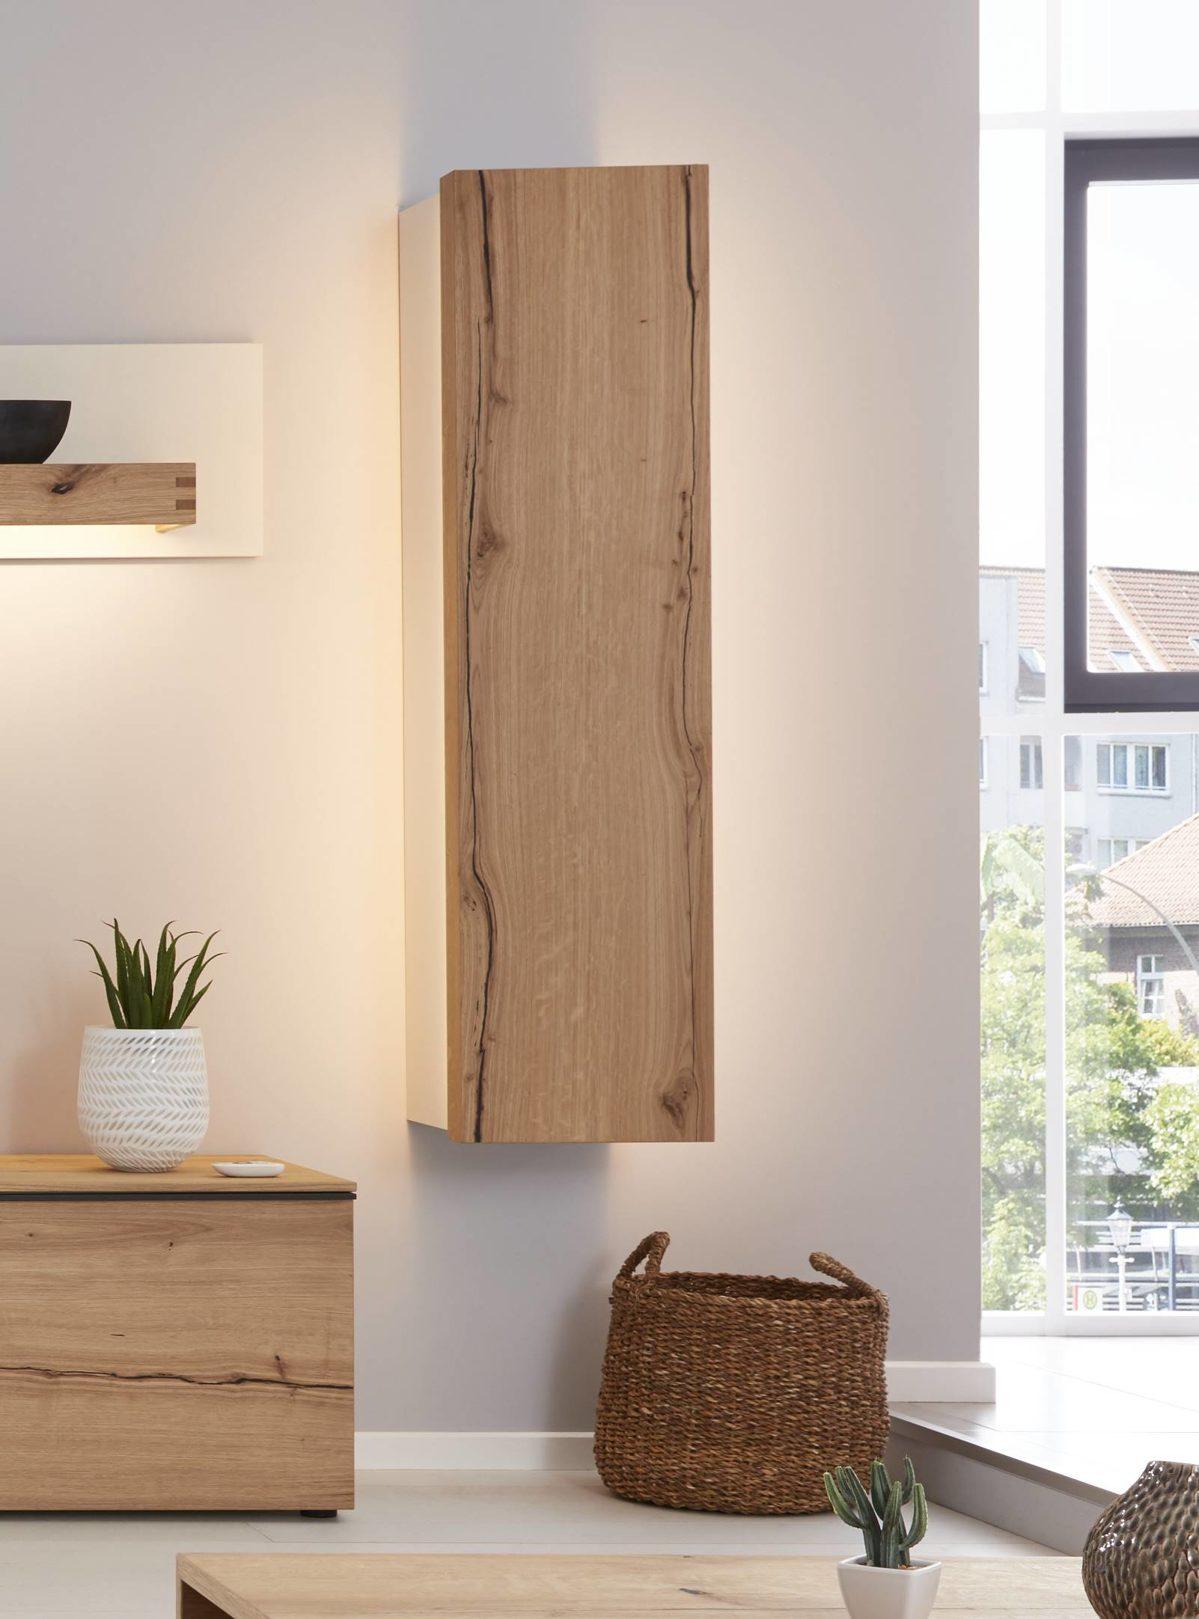 Full Size of Hängeschrank Wohnzimmer Interliving Serie 2103 Hngeelement Mit Beleuchtung Schrank Deckenlampen Modern Deckenlampe Tischlampe Landhausstil Teppich Wohnzimmer Hängeschrank Wohnzimmer